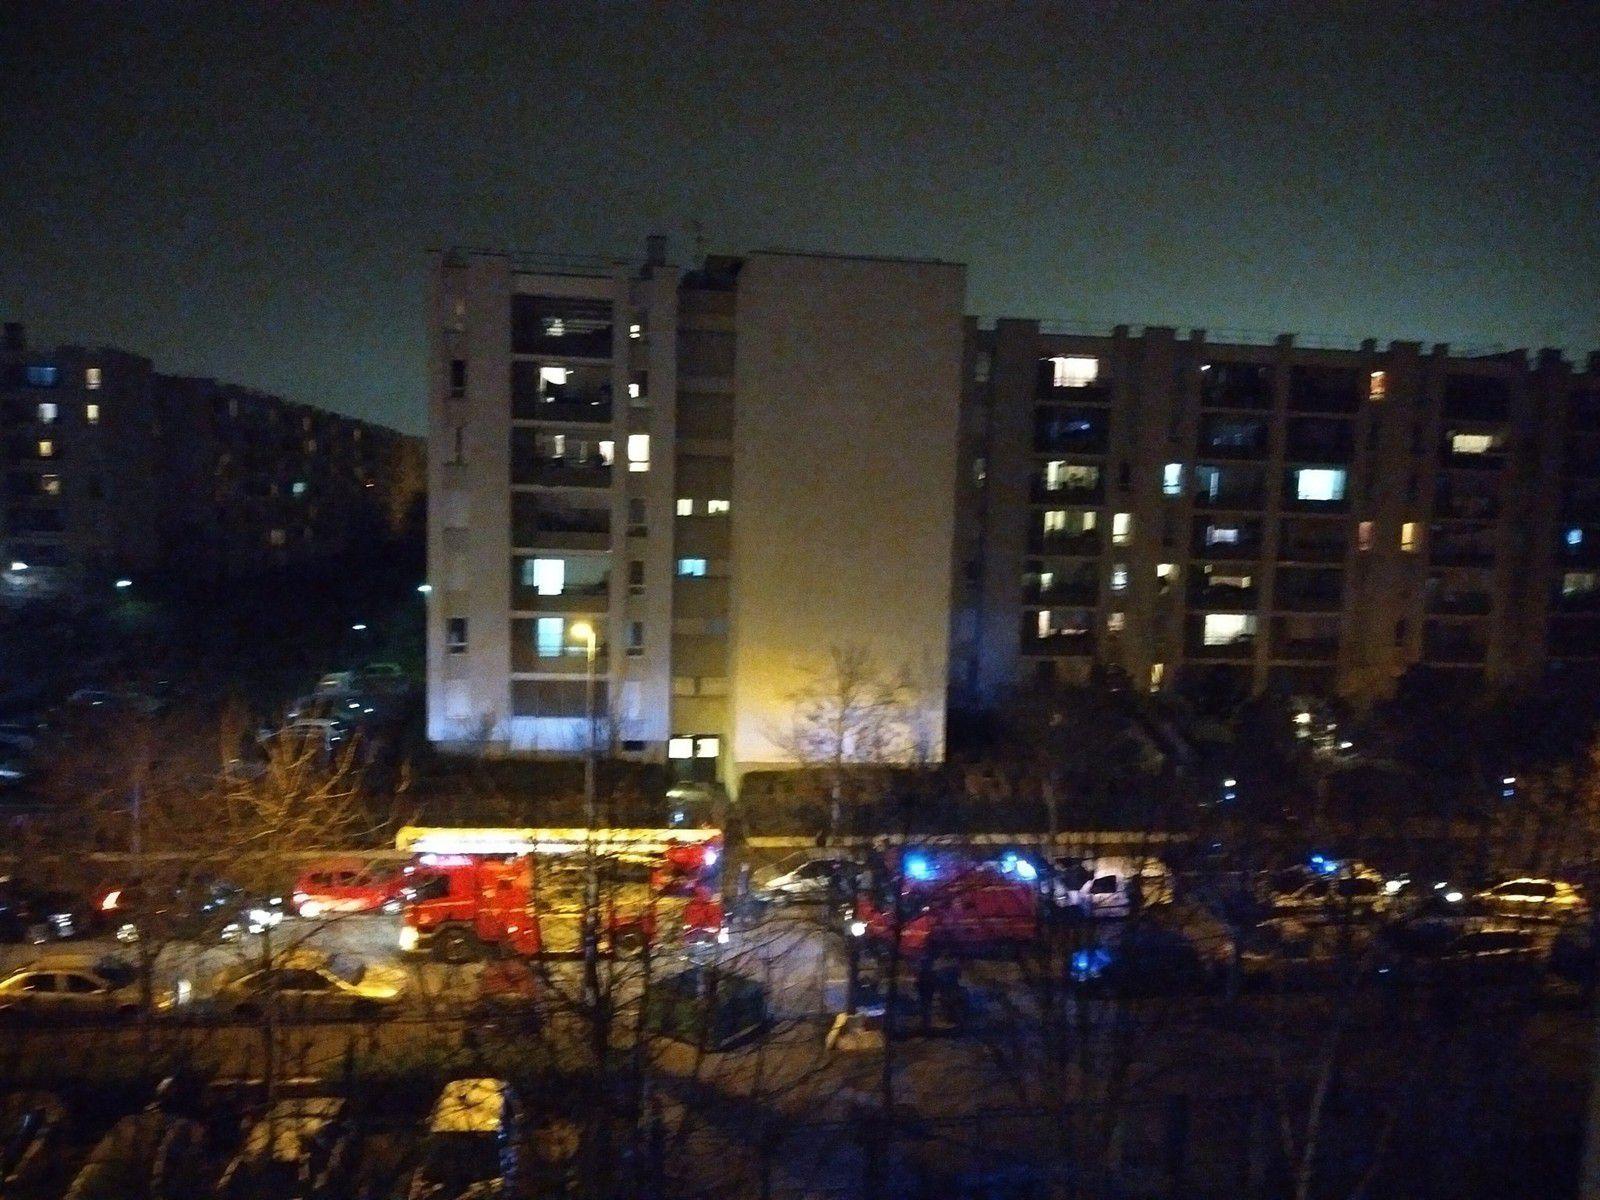 Merci aux pompiers pour leur intervention rapide lors d'un feu aux 3000 à Aulnay-sous-Bois !